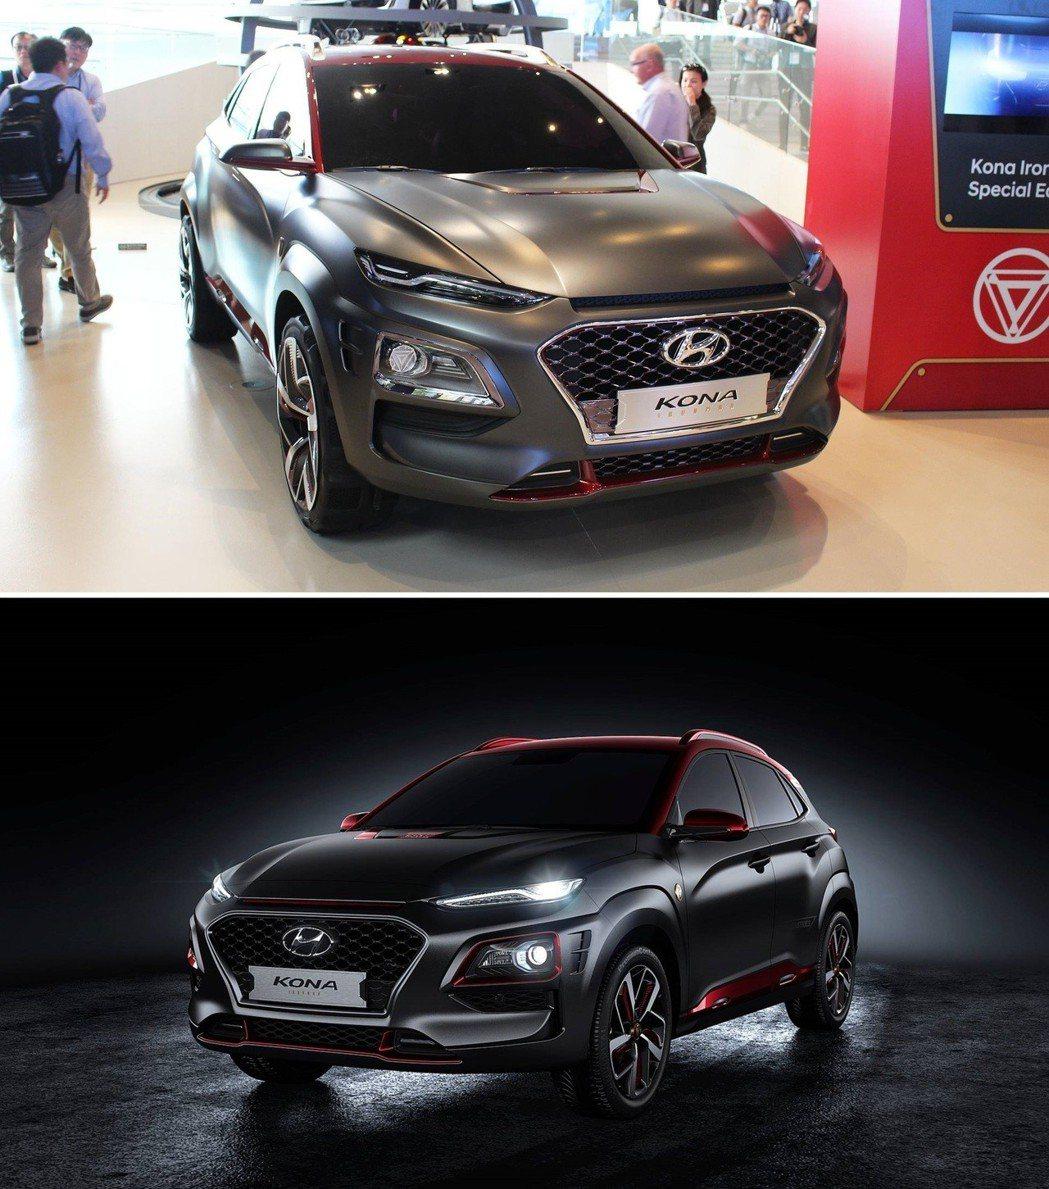 兩款都是Hyundai Kona Iron Man Edition,只不過上圖為去年只展出、不販售的版本,而下圖則是今年確定量產的限量特仕車。 摘自Hyundai